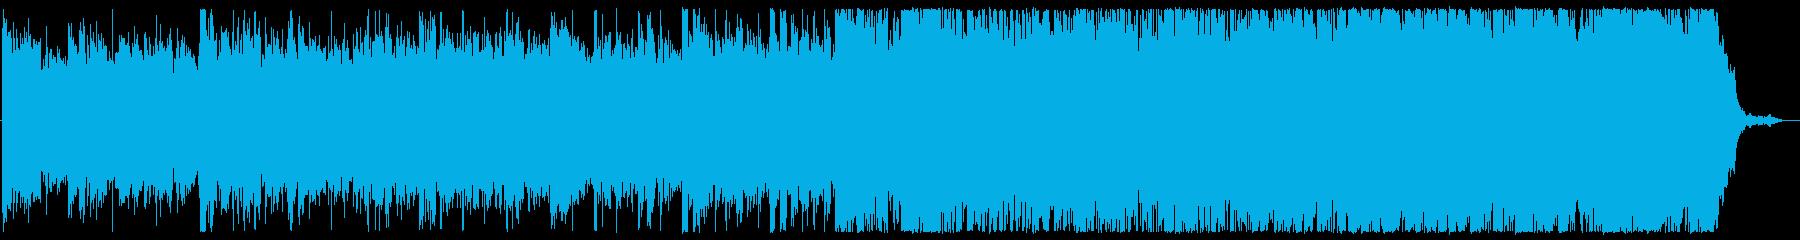 アンビエント トラップ ヒップホッ...の再生済みの波形